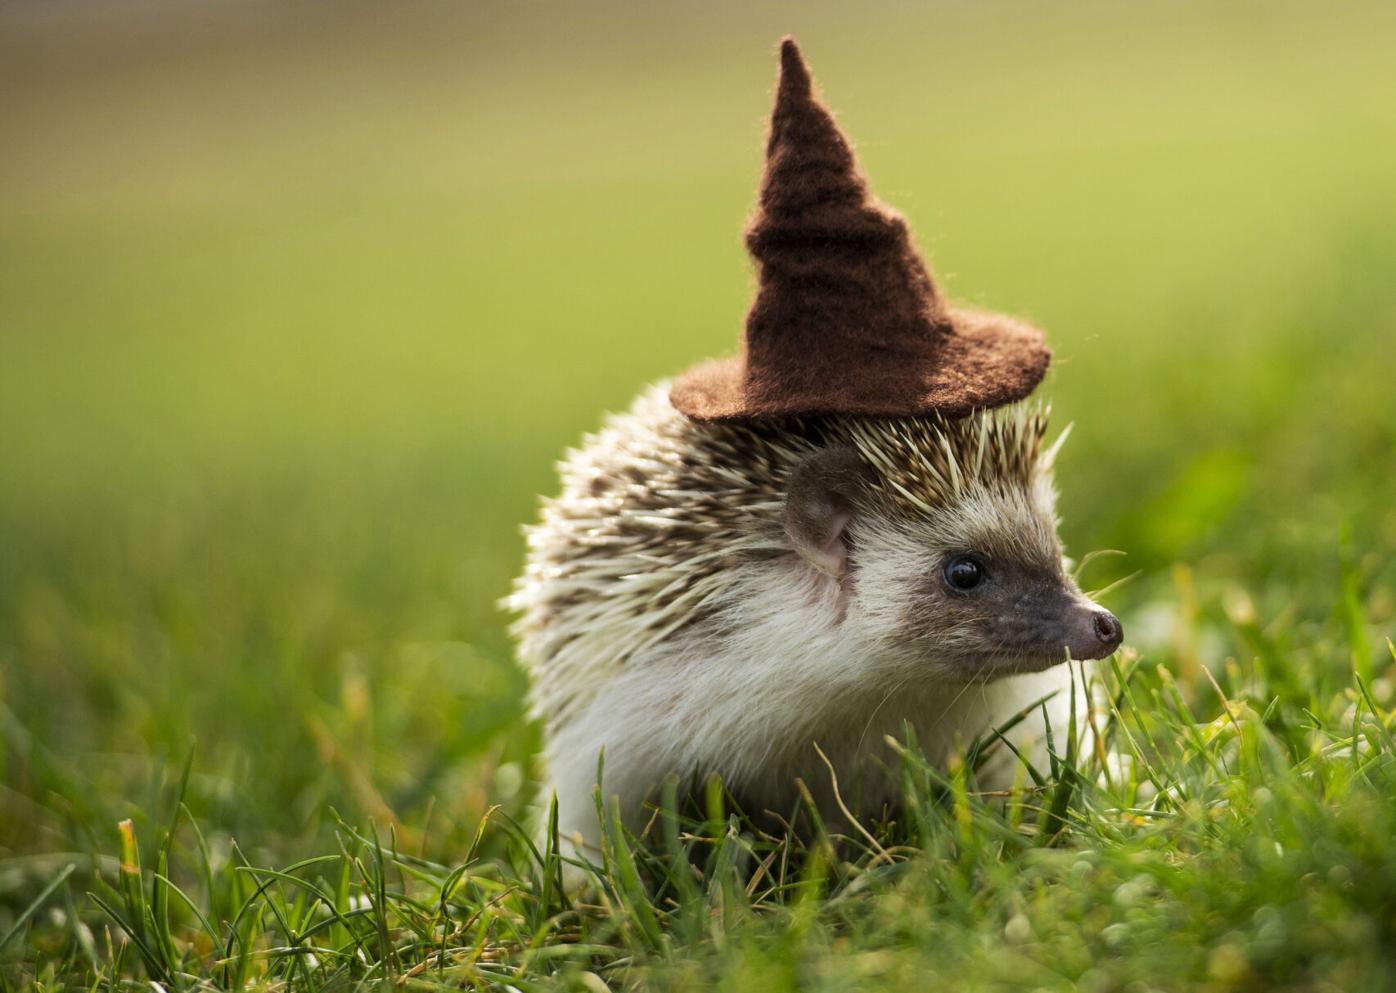 082921-life-hedgehogs 02